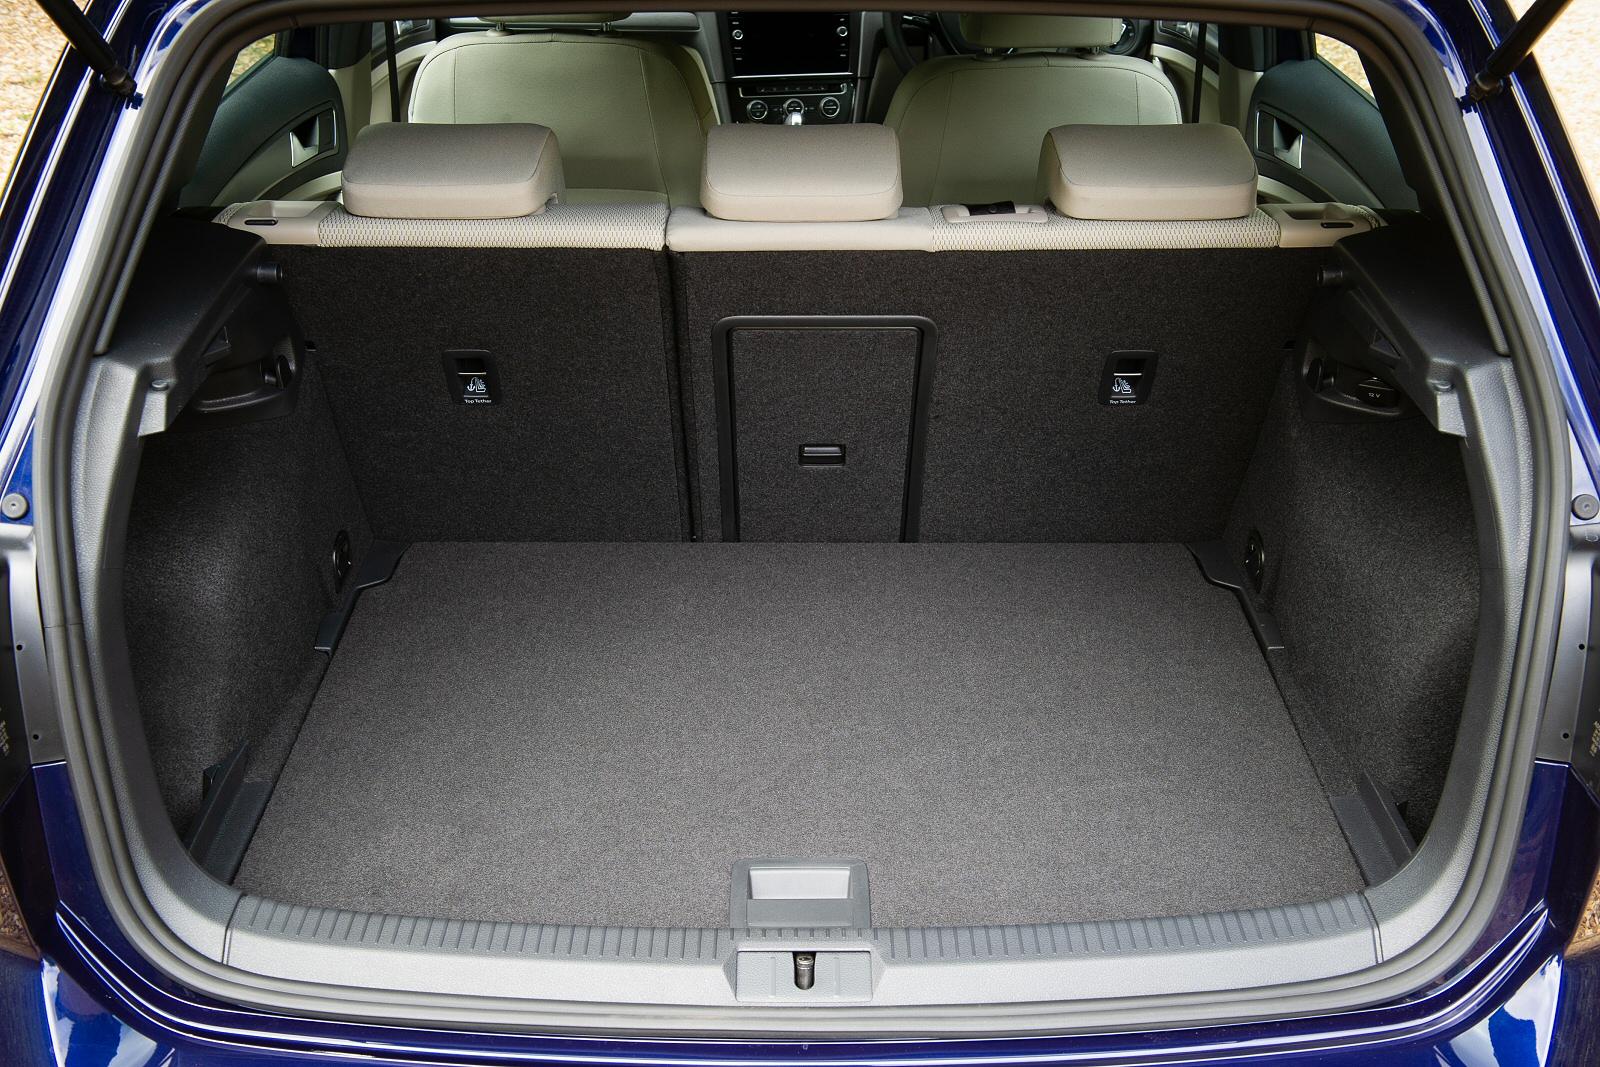 VolkswagenGolf0119Int(4)